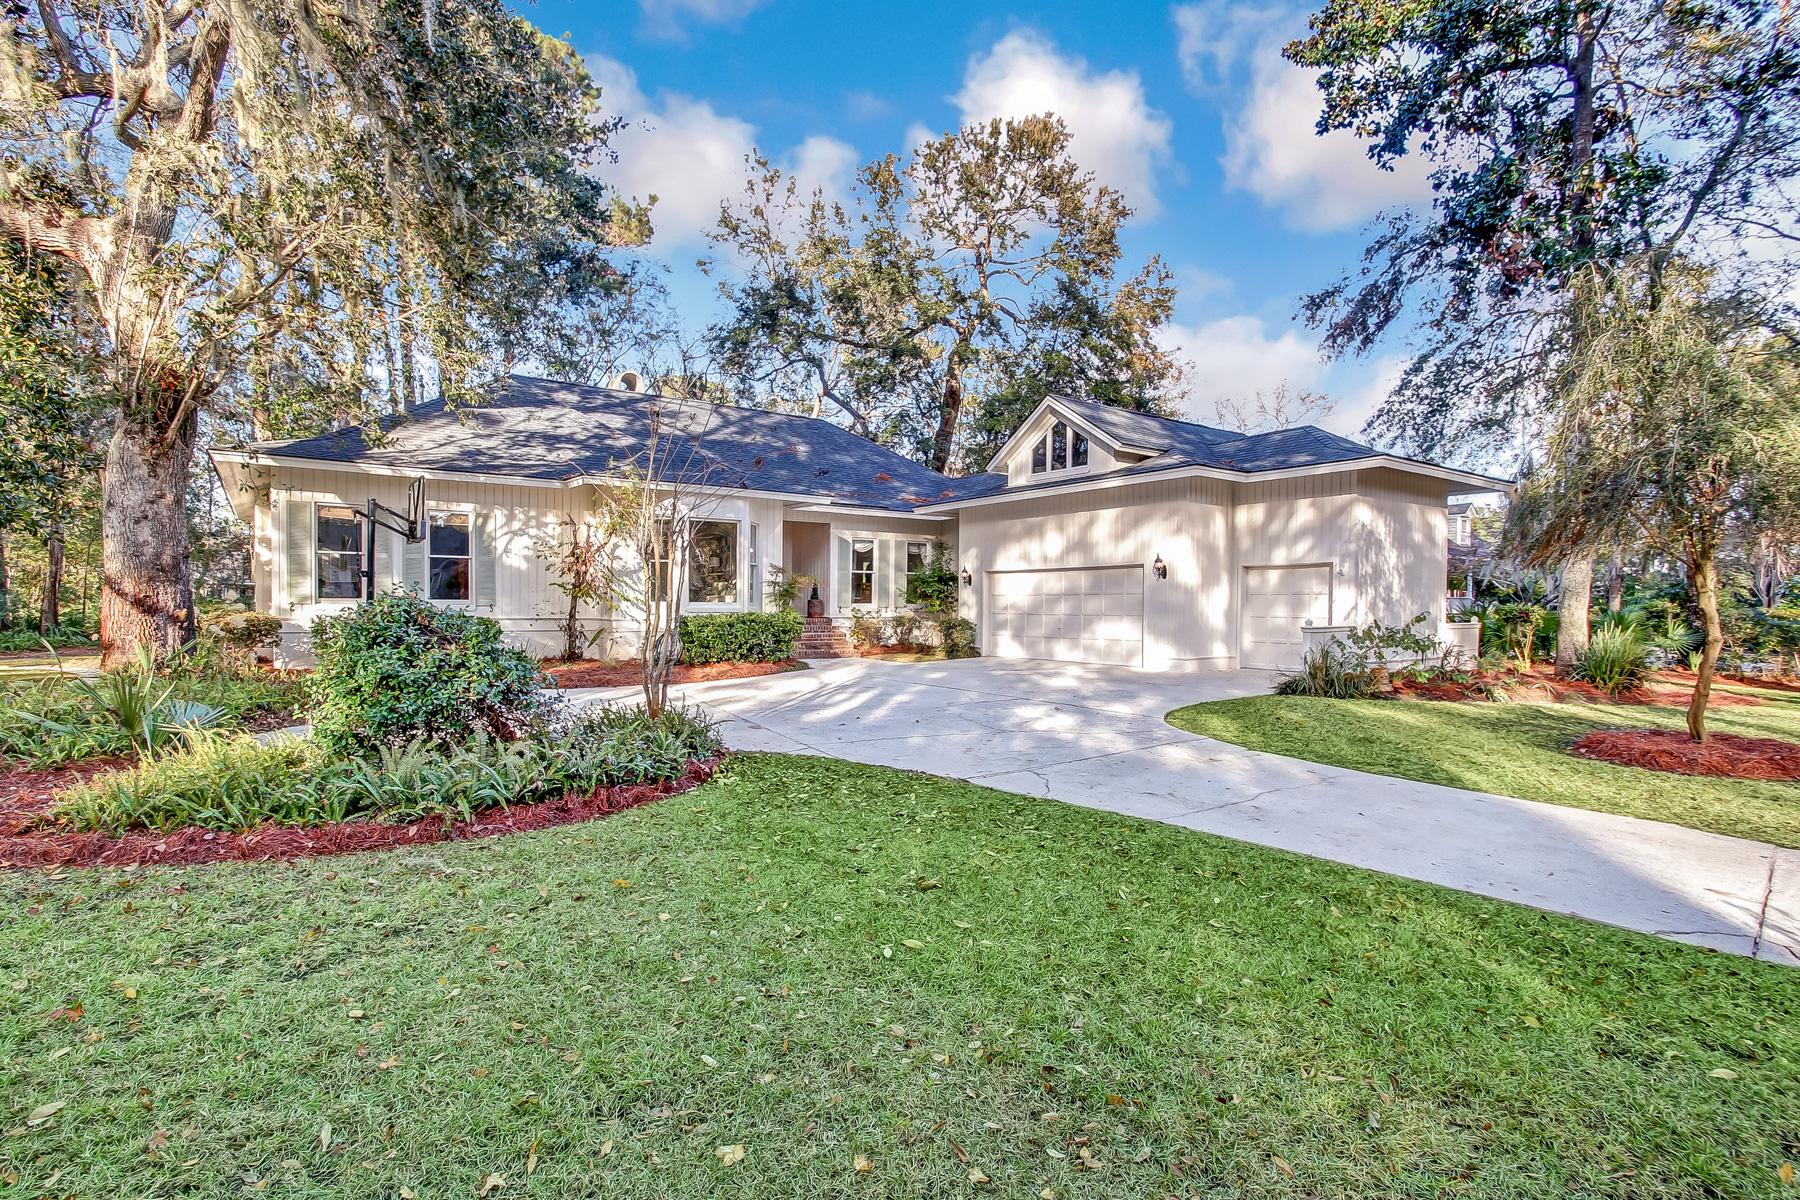 独户住宅 为 销售 在 8 Marsh Elder Lane Skidaway Island, 乔治亚州, 31411 美国